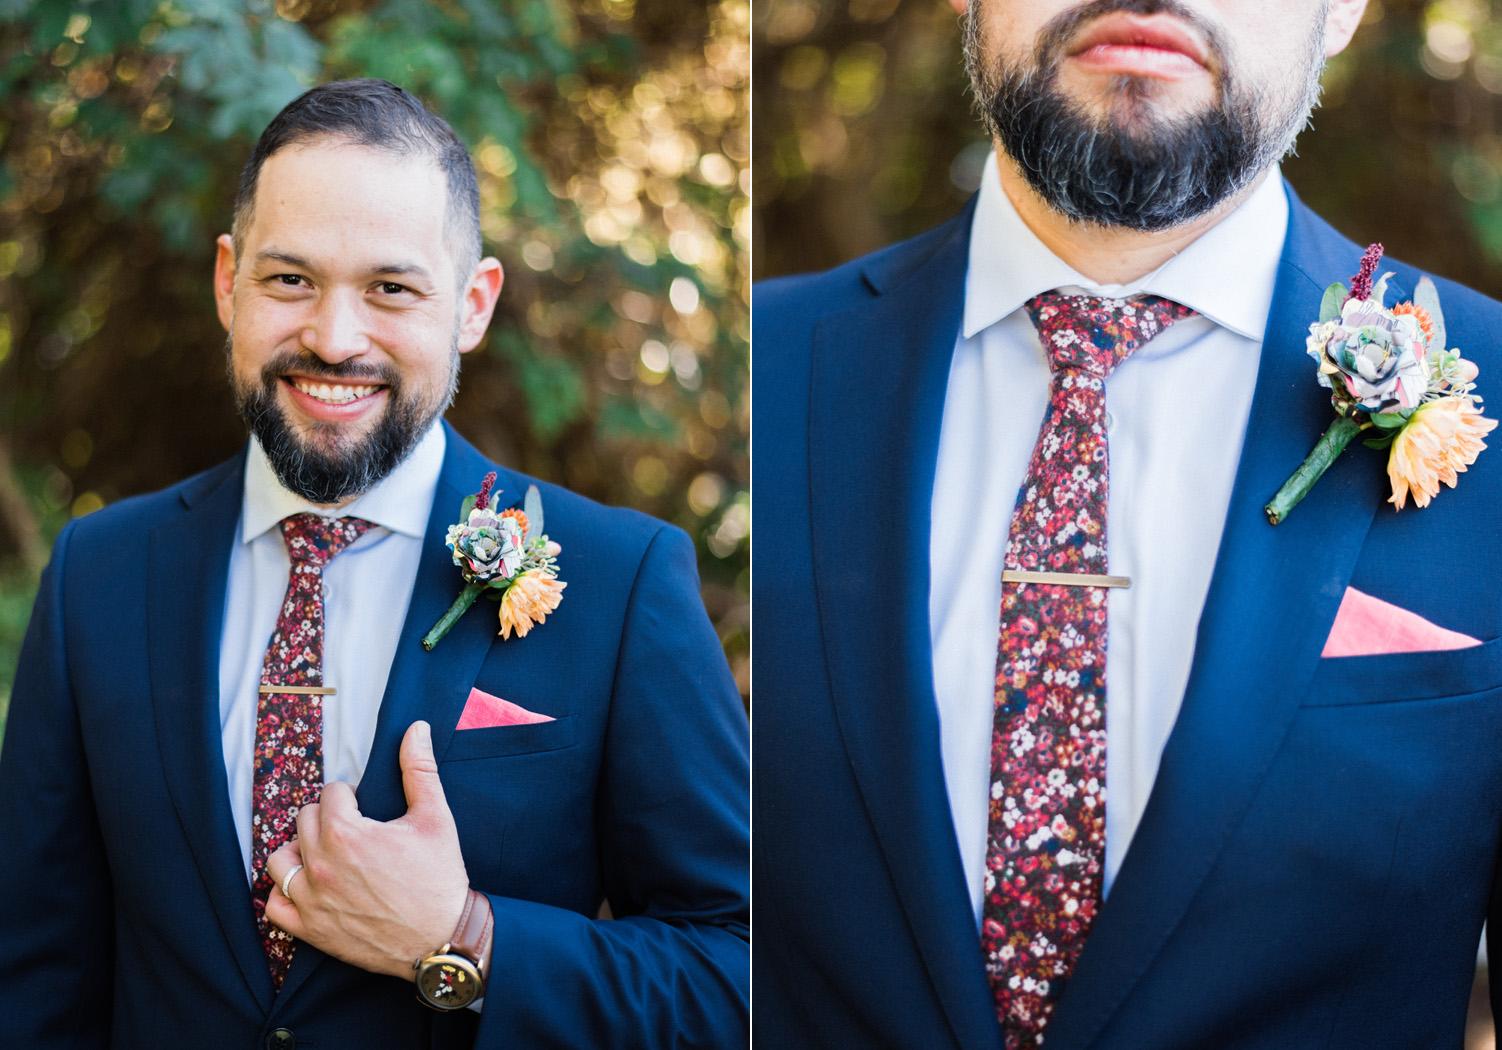 Seattle Wedding Photography Groom Wardrobe Floral Skinny Tie.jpg